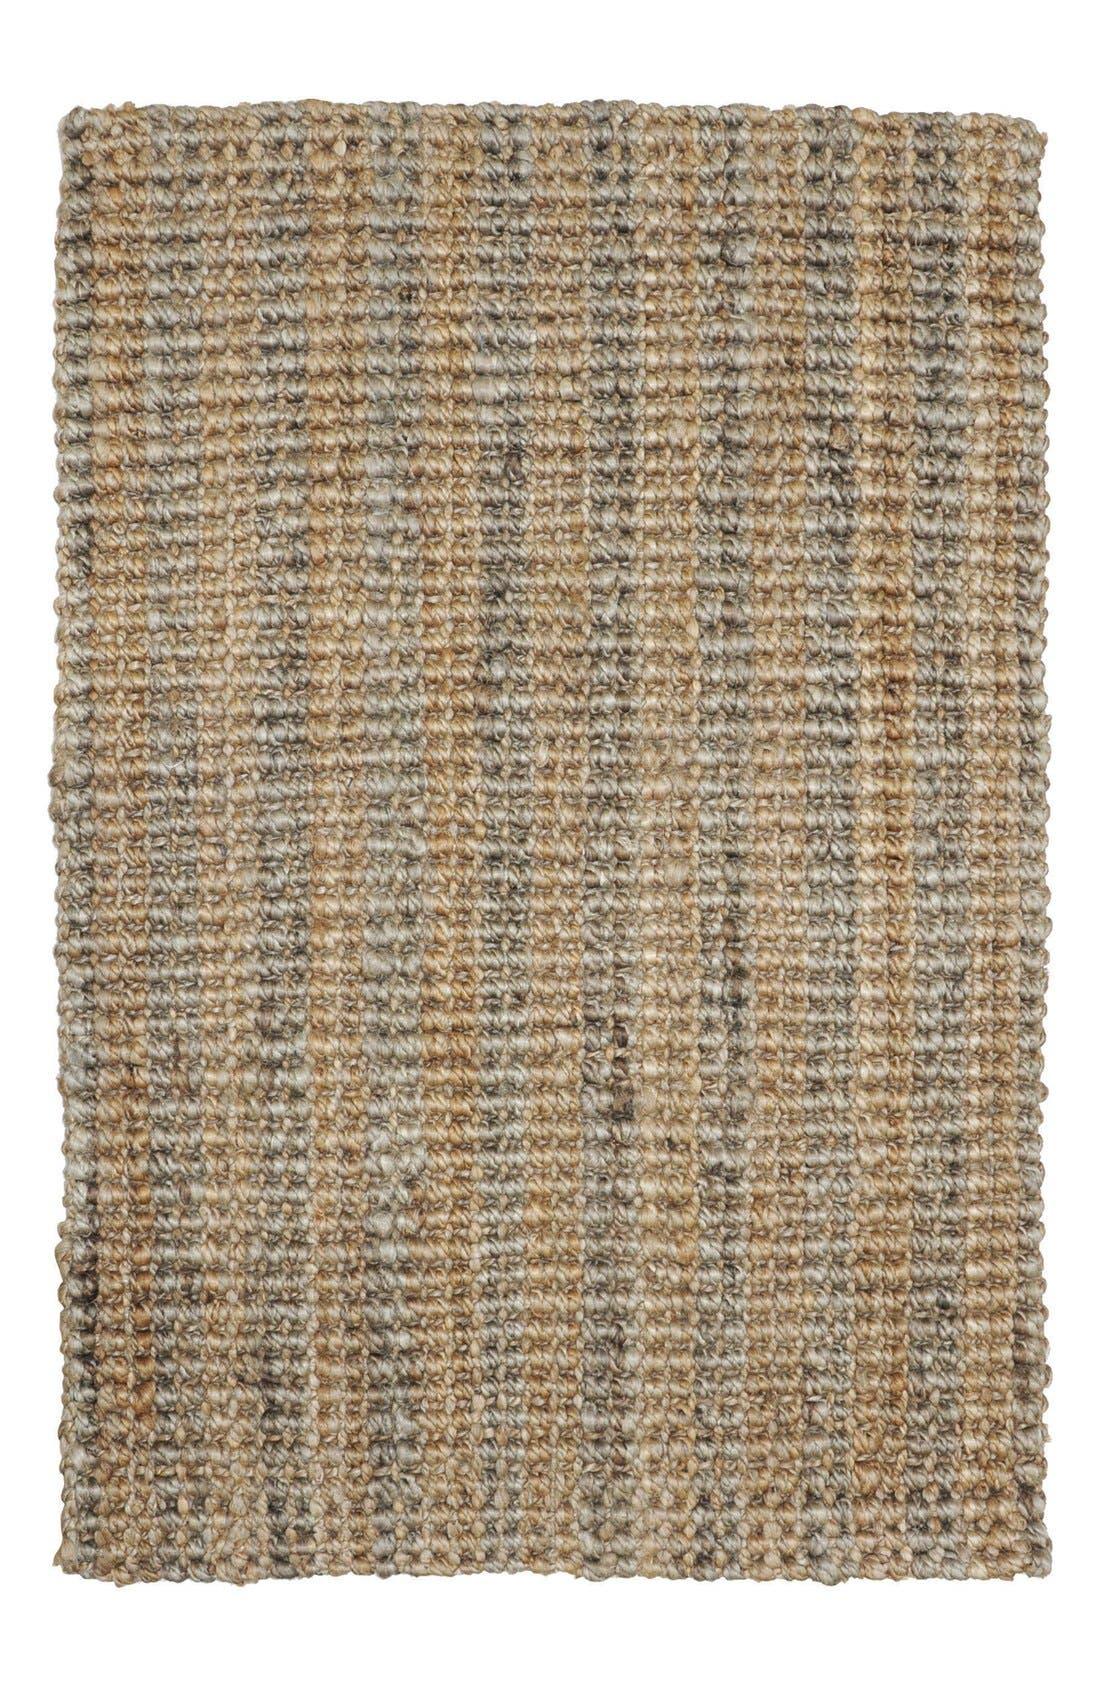 Villa Home Collection Bouclé Handwoven Rug